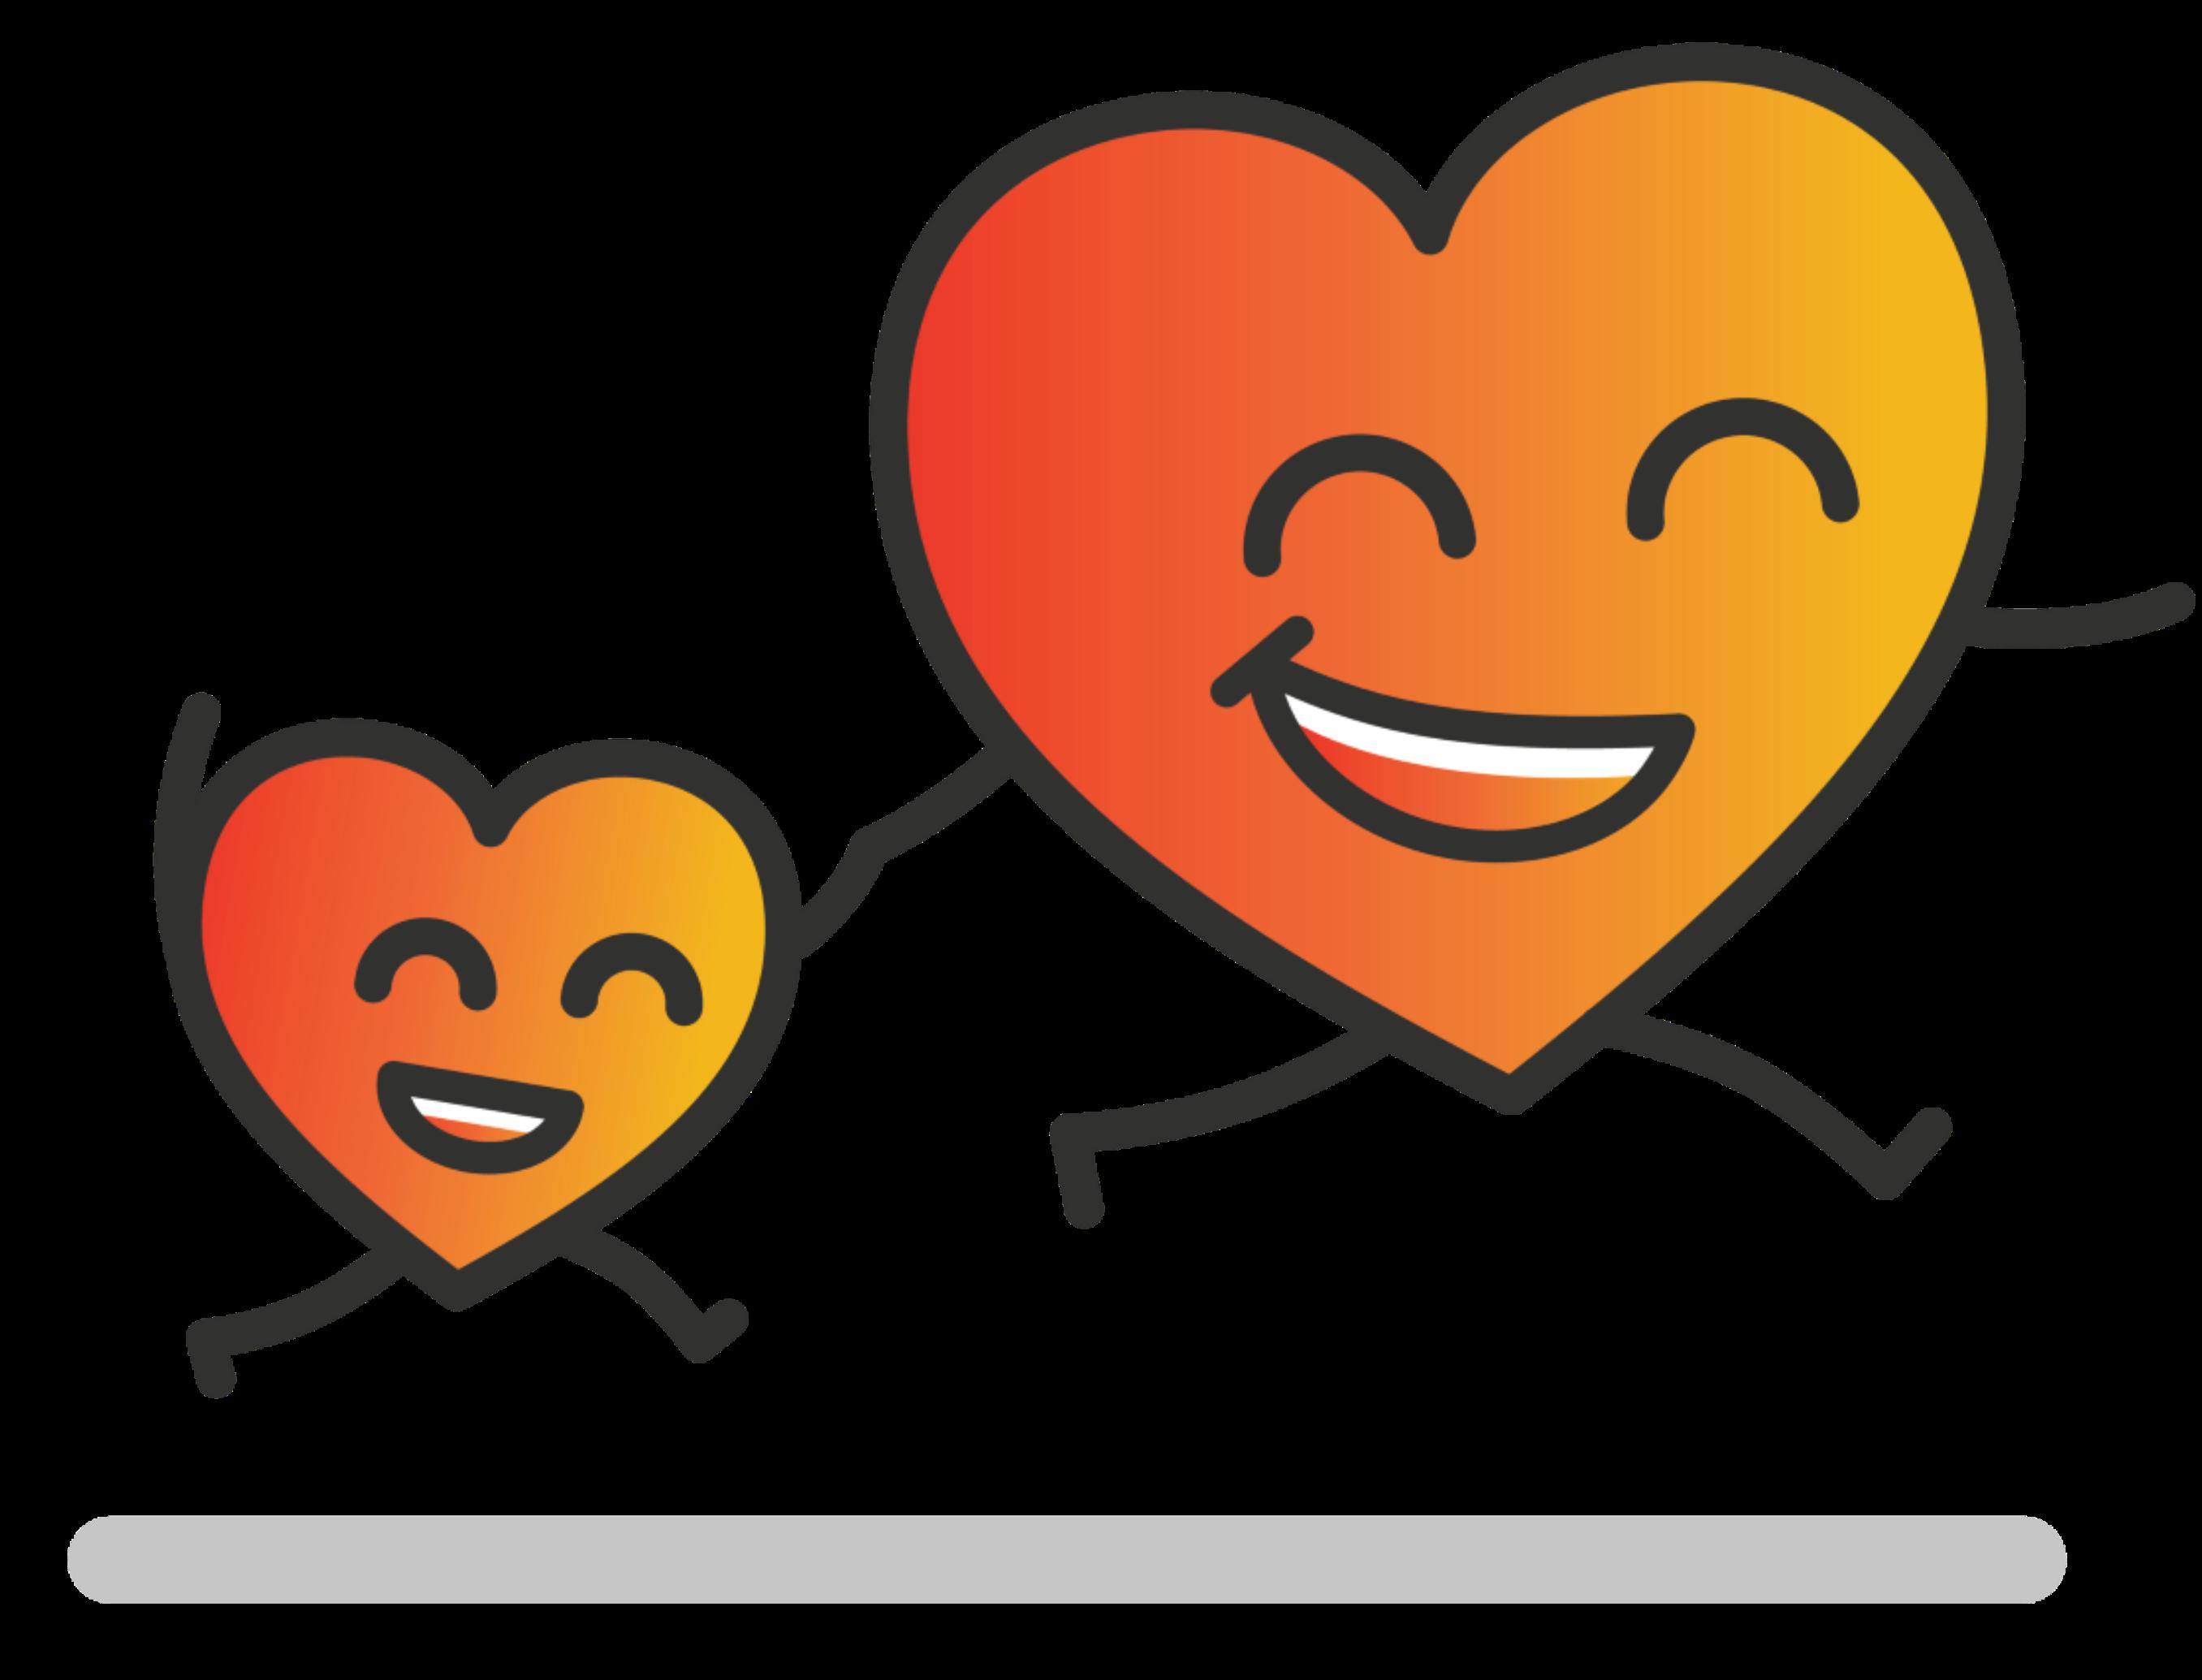 Heart Guy - JumpingHoldingHands